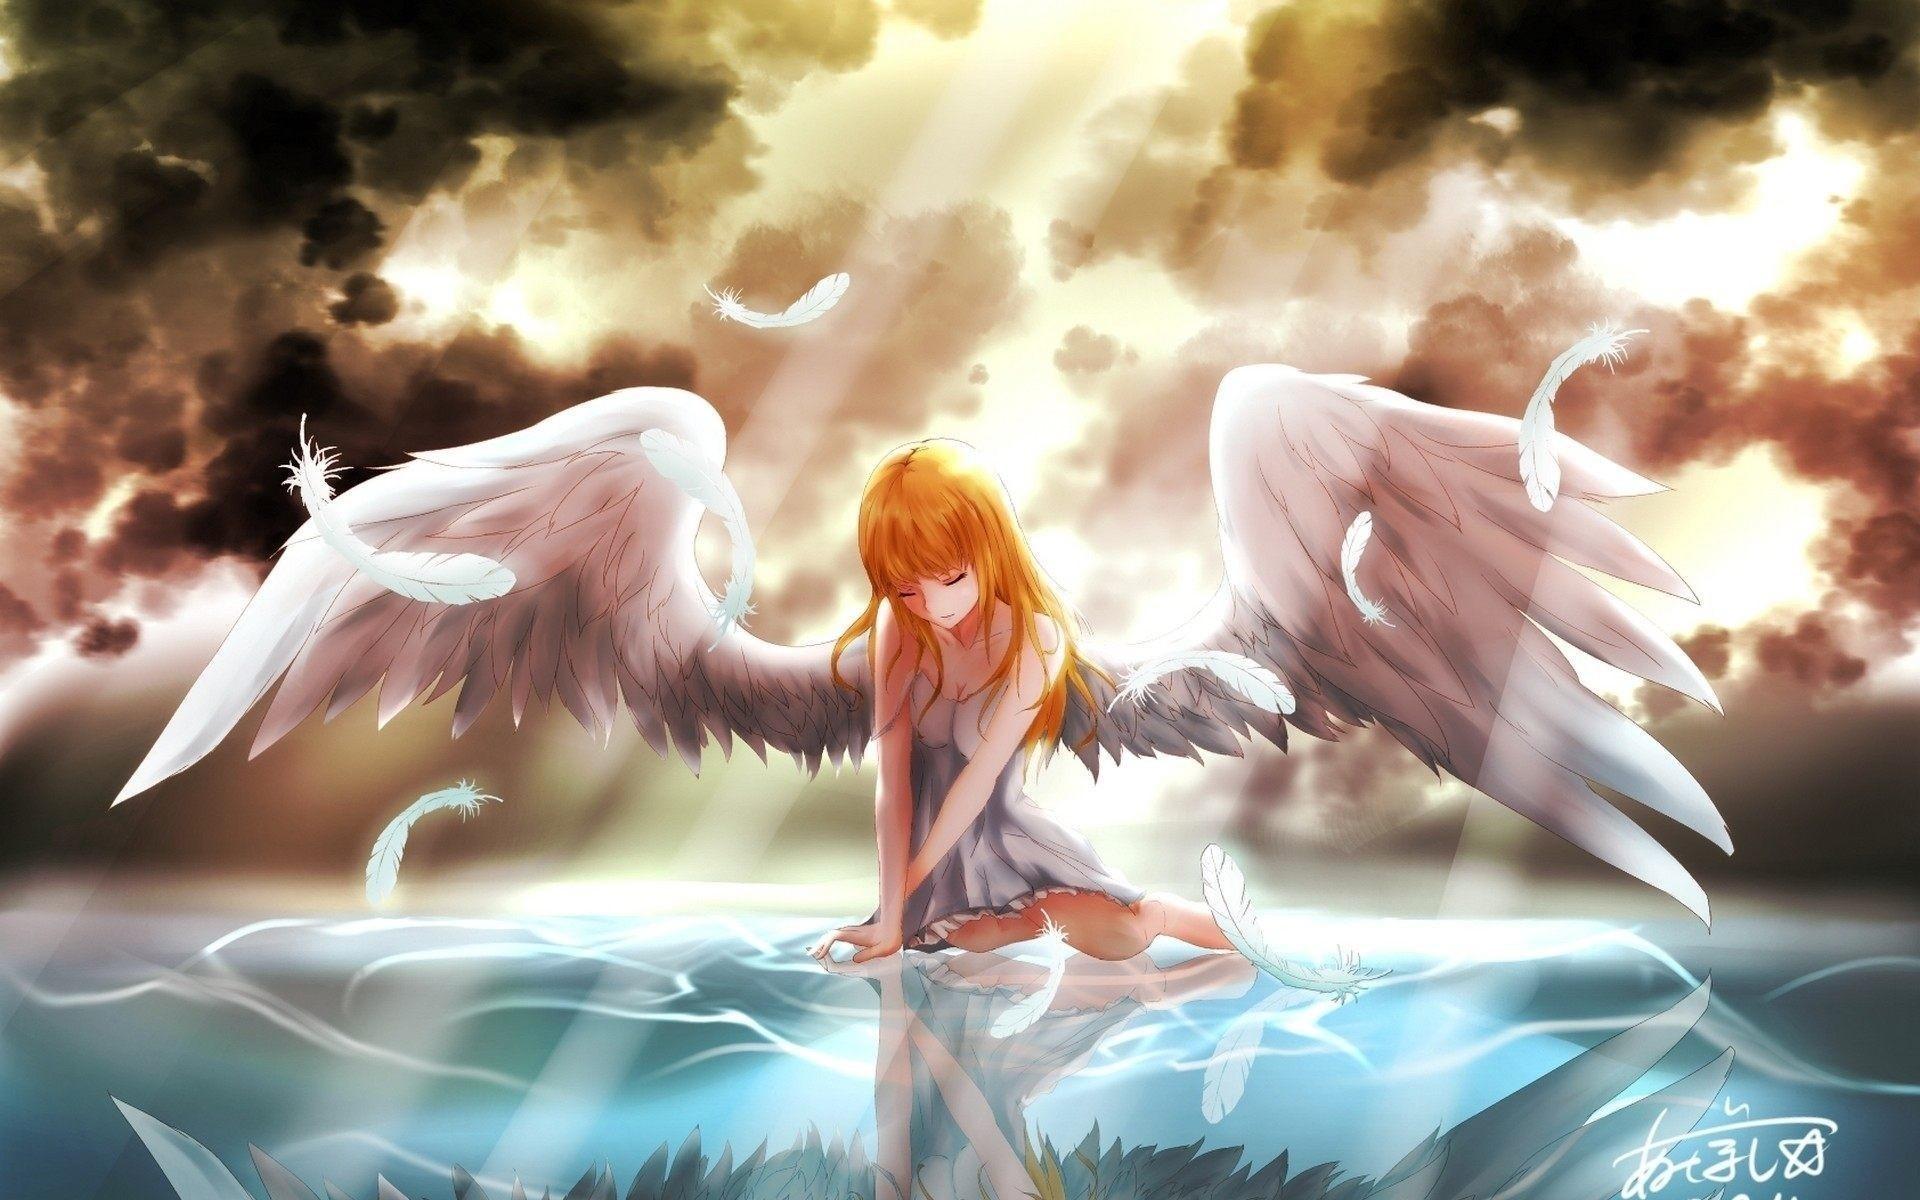 Angel Anime Girl Wallpaper